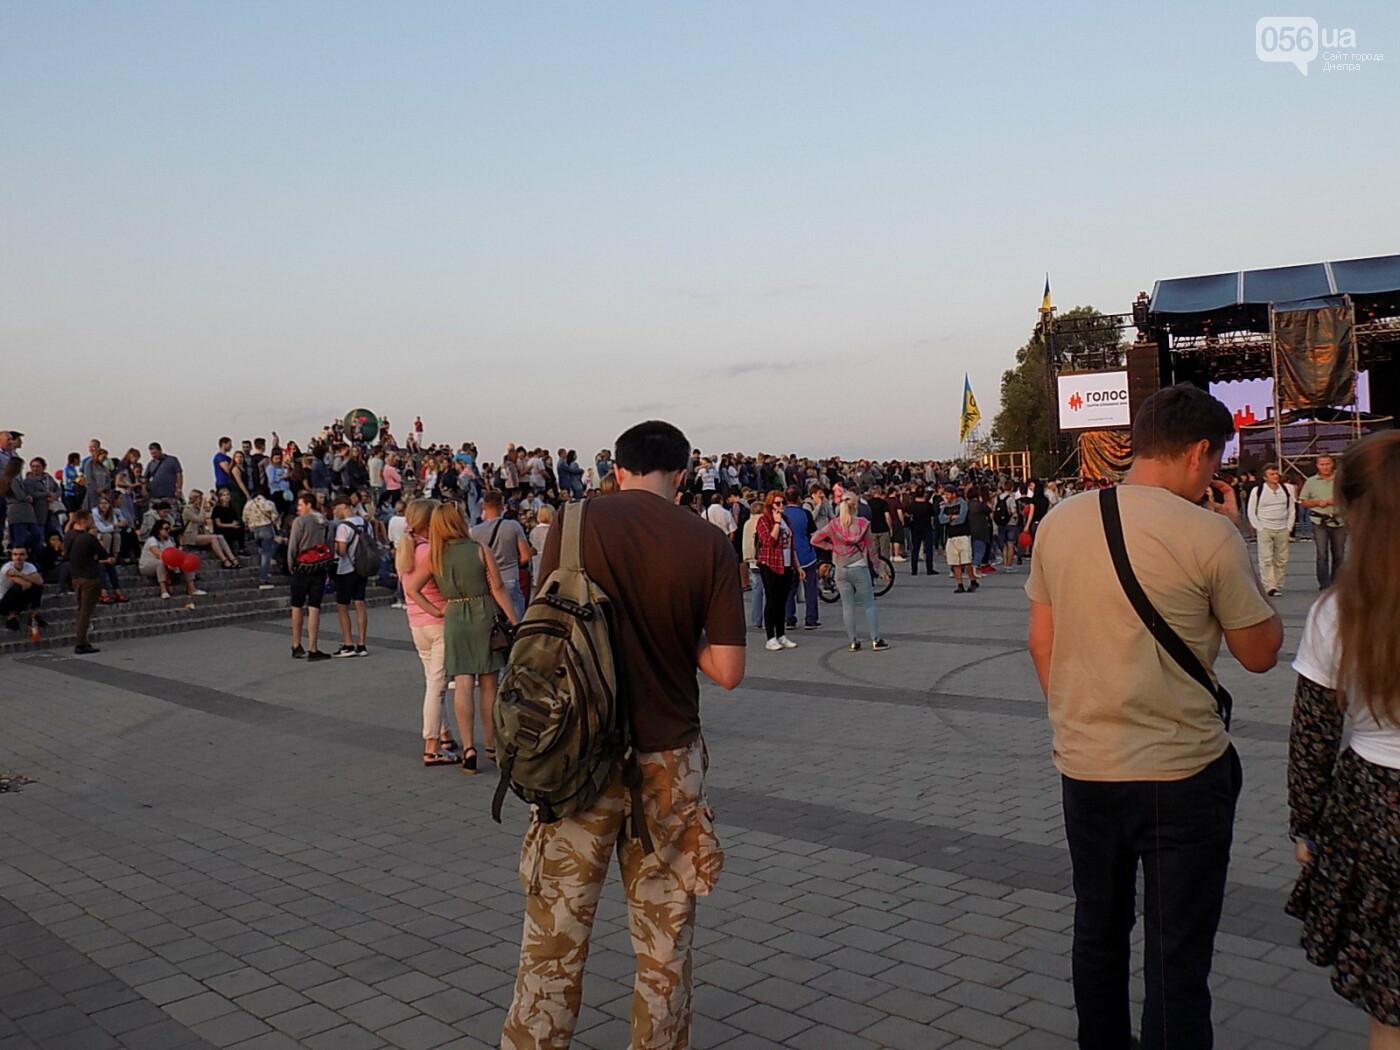 В Днепре прошел концерт группы Океан Эльзы: как это было, - ФОТО, фото-11